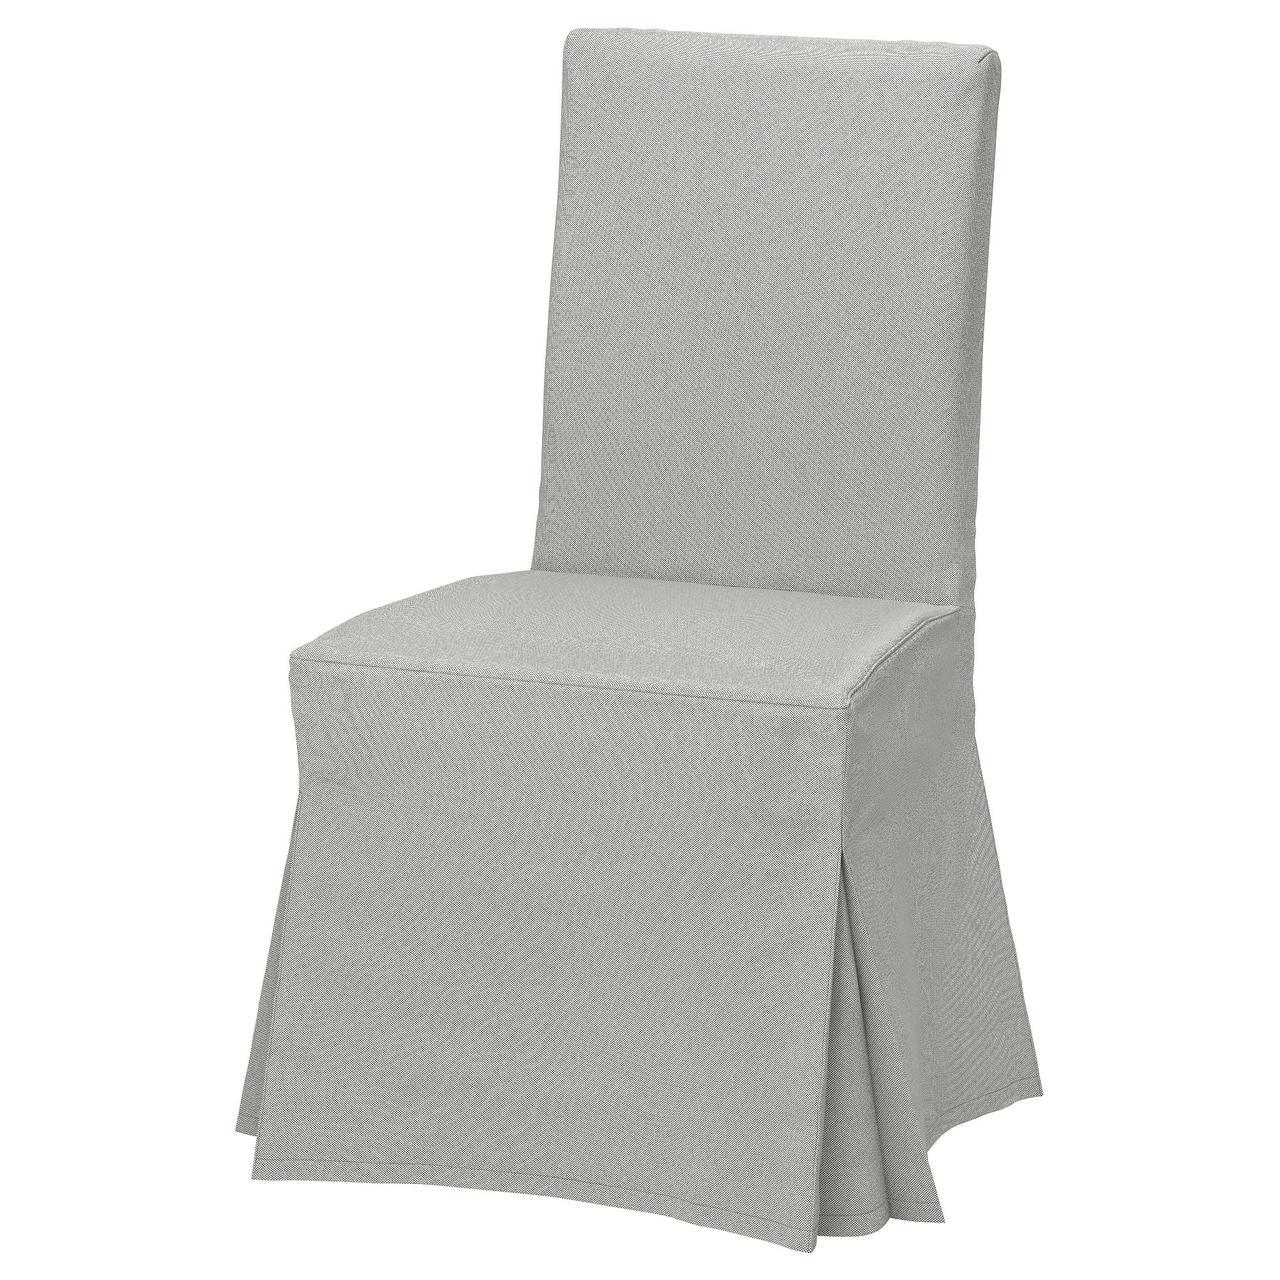 Кресло кухонное IKEA HENRIKSDAL Orrsta светло-серое 292.203.46